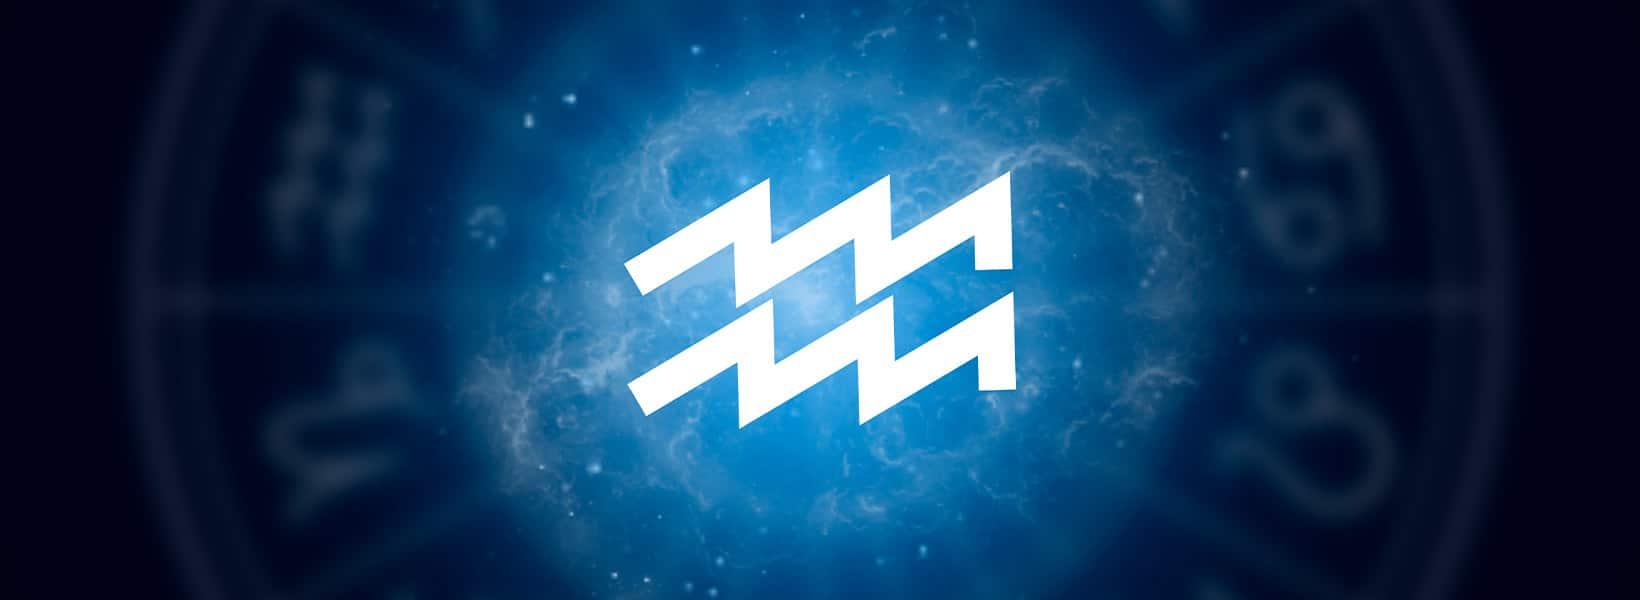 horoscop vărsător 2021